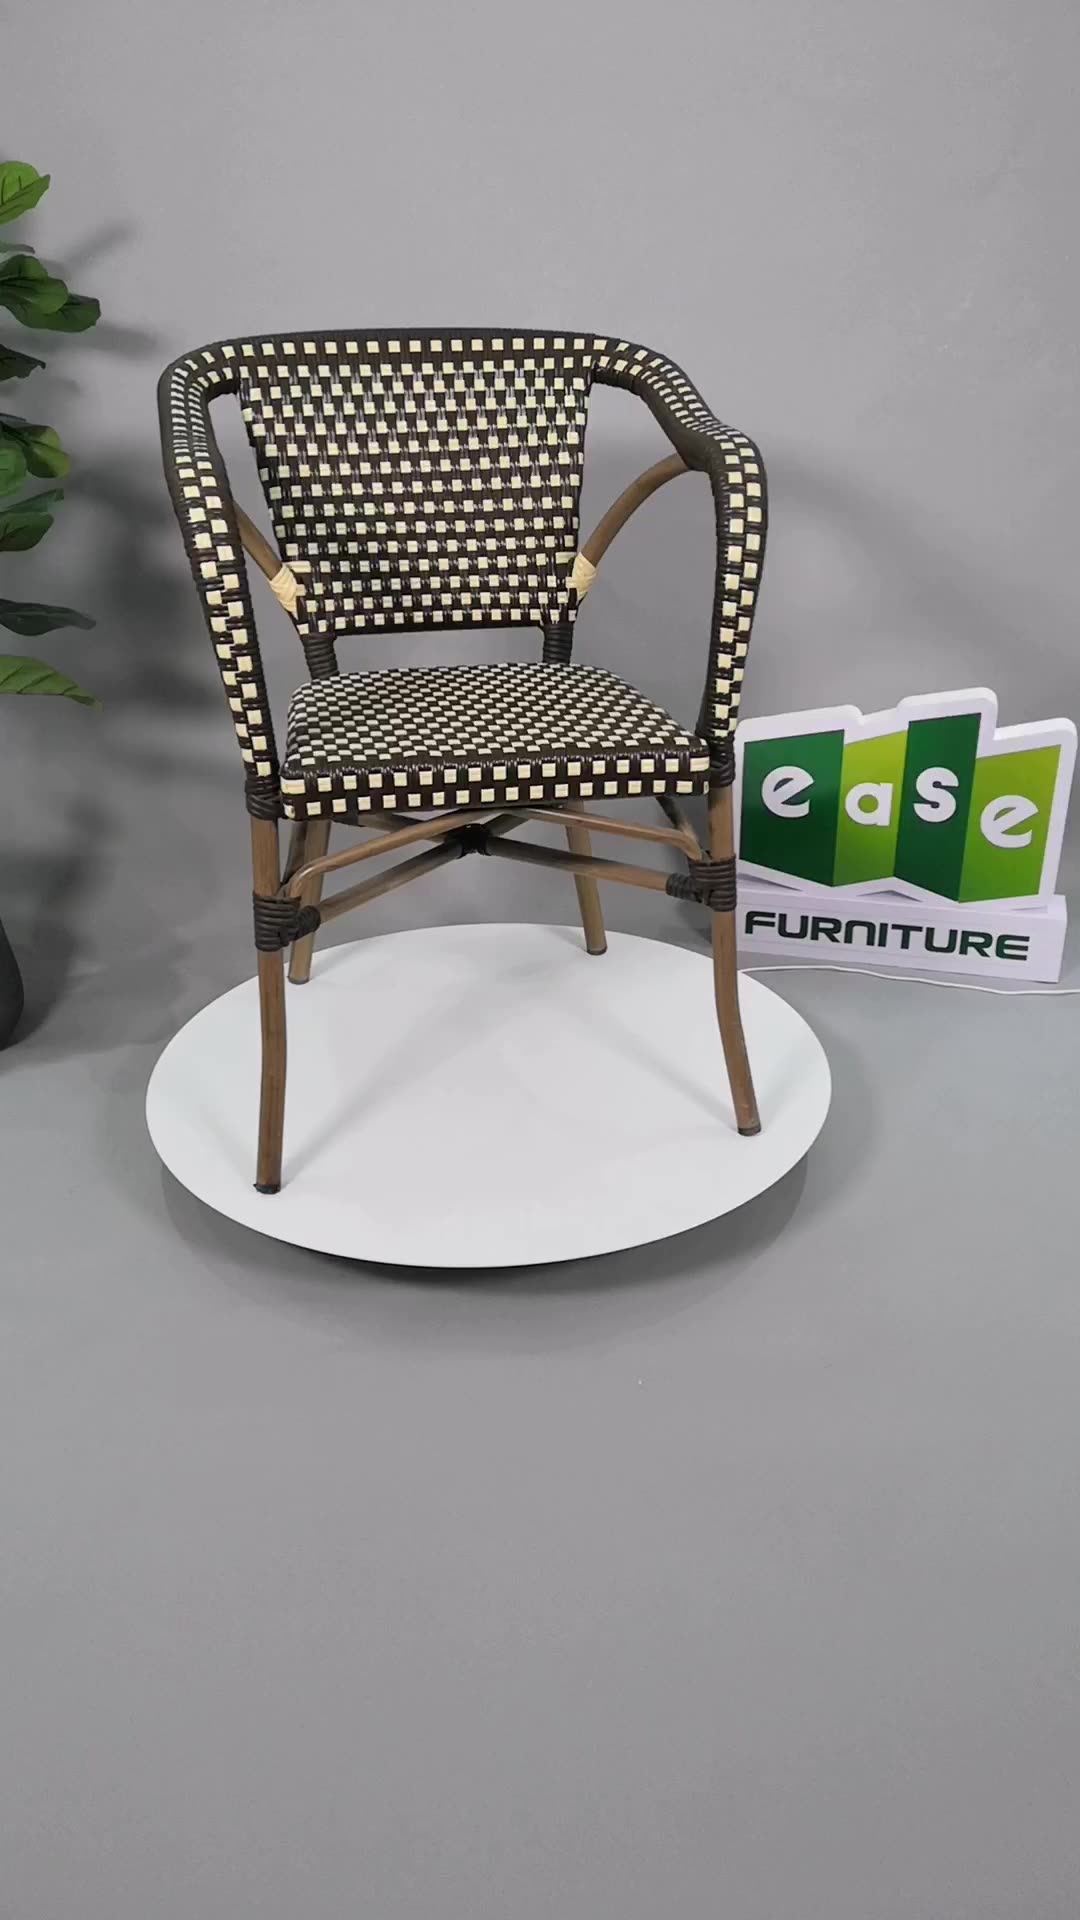 Estilo francés Silla de café y de ratán de mesas de Metal de mimbre de silla de comedor de muebles al aire libre Bistro francés sillas